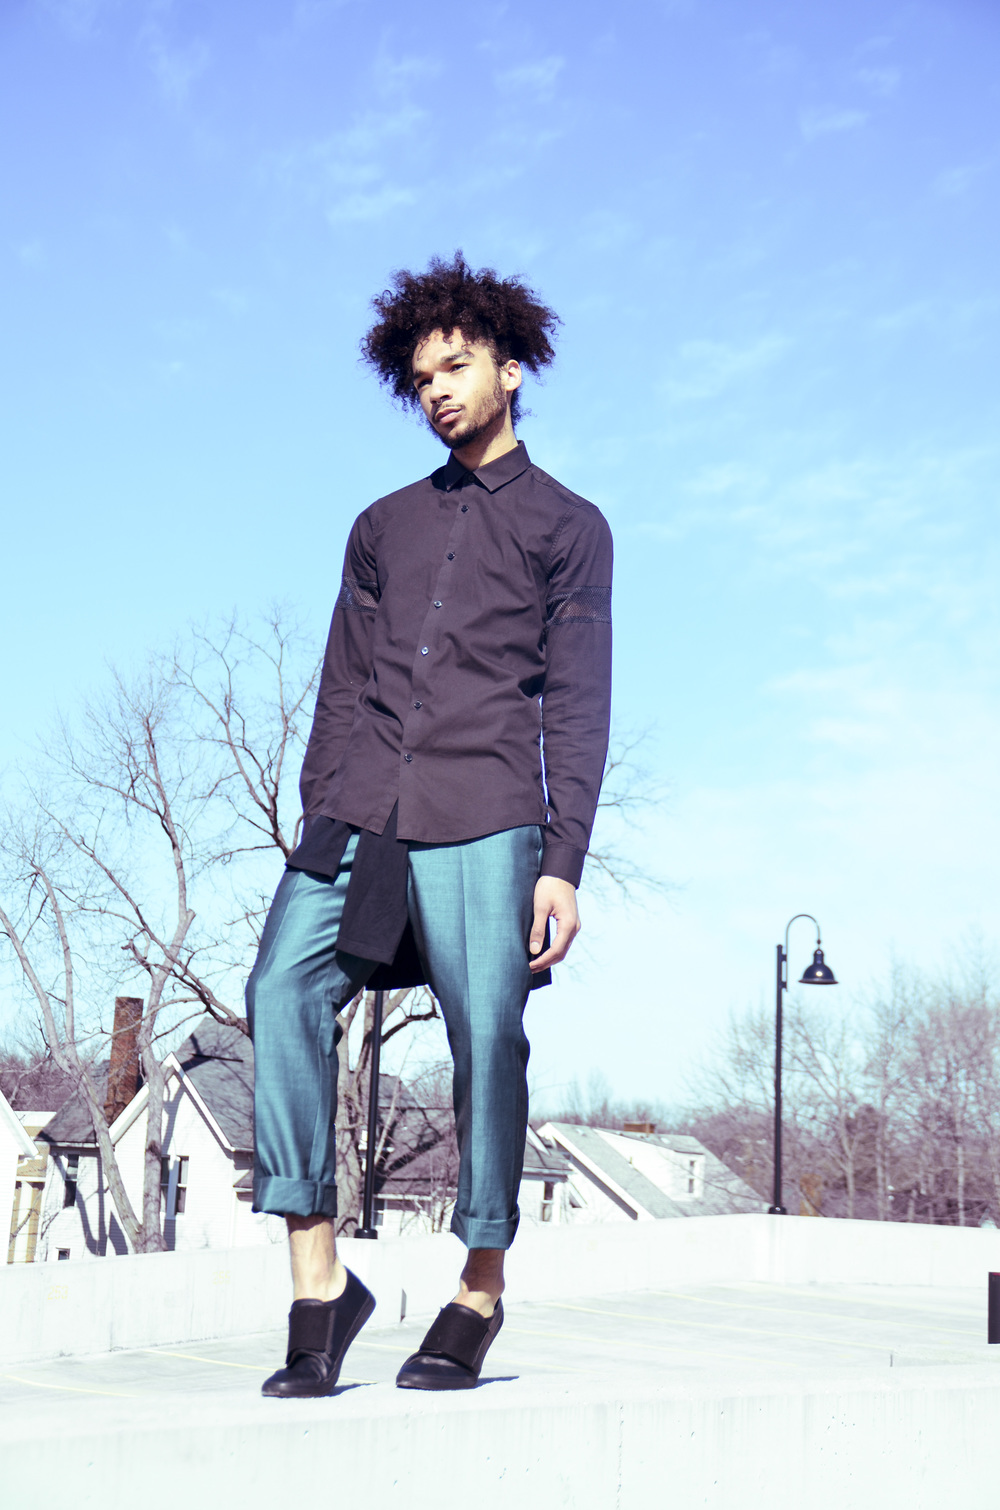 Shirt - ASOS (asos.com) | Pants - Lambretta (lambretta-fashion.com)